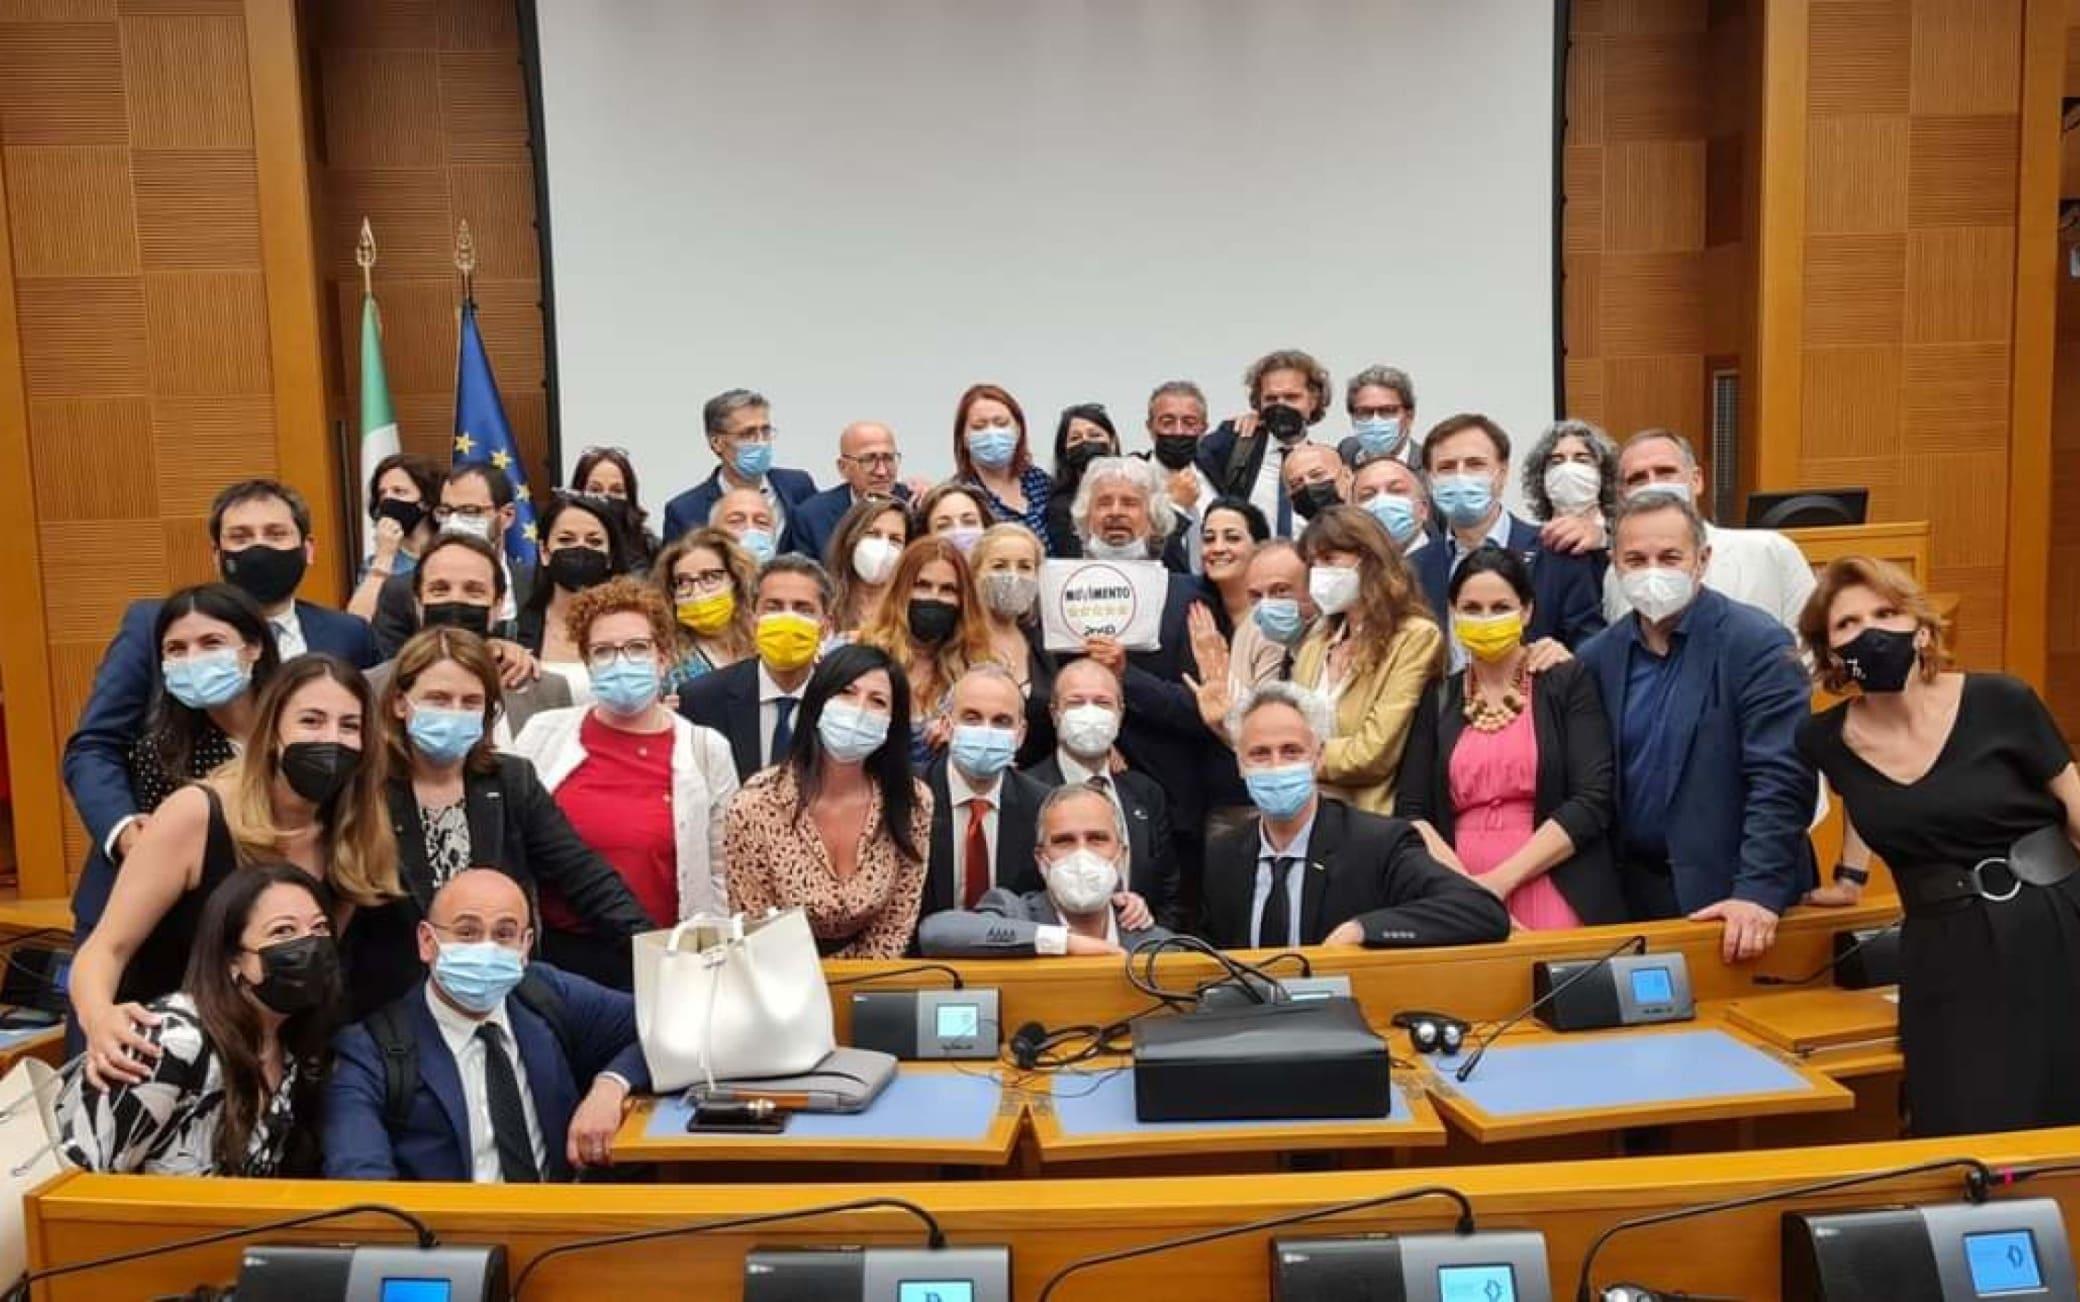 M5S, Grillo a Roma per incontrare Conte e i gruppi parlamentari | Sky TG24